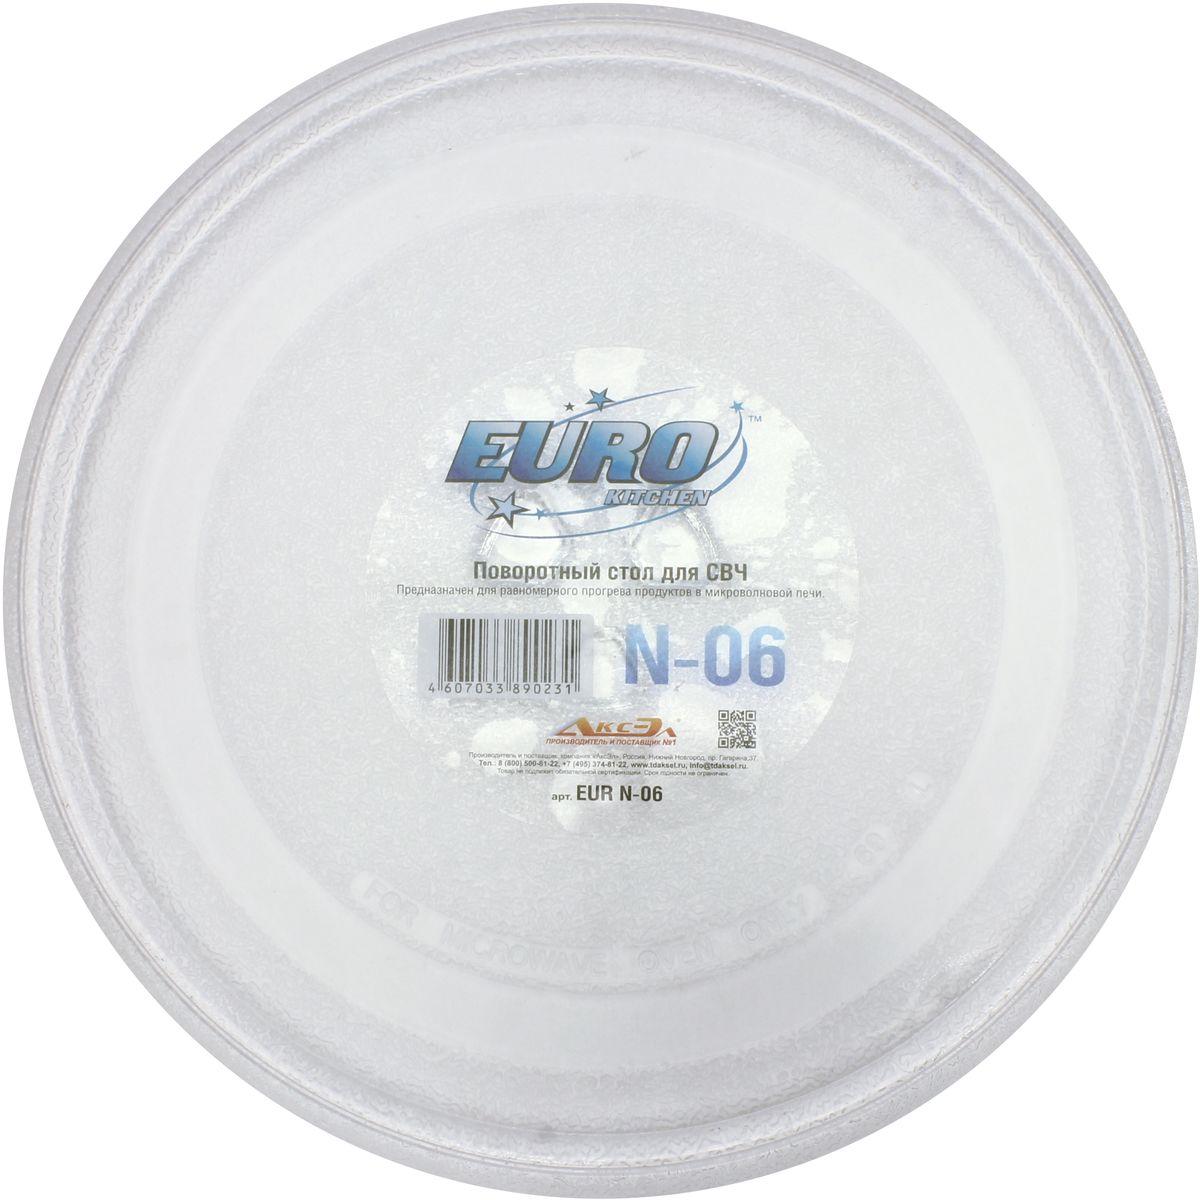 Euro Kitchen N-06 тарелка для СВЧ